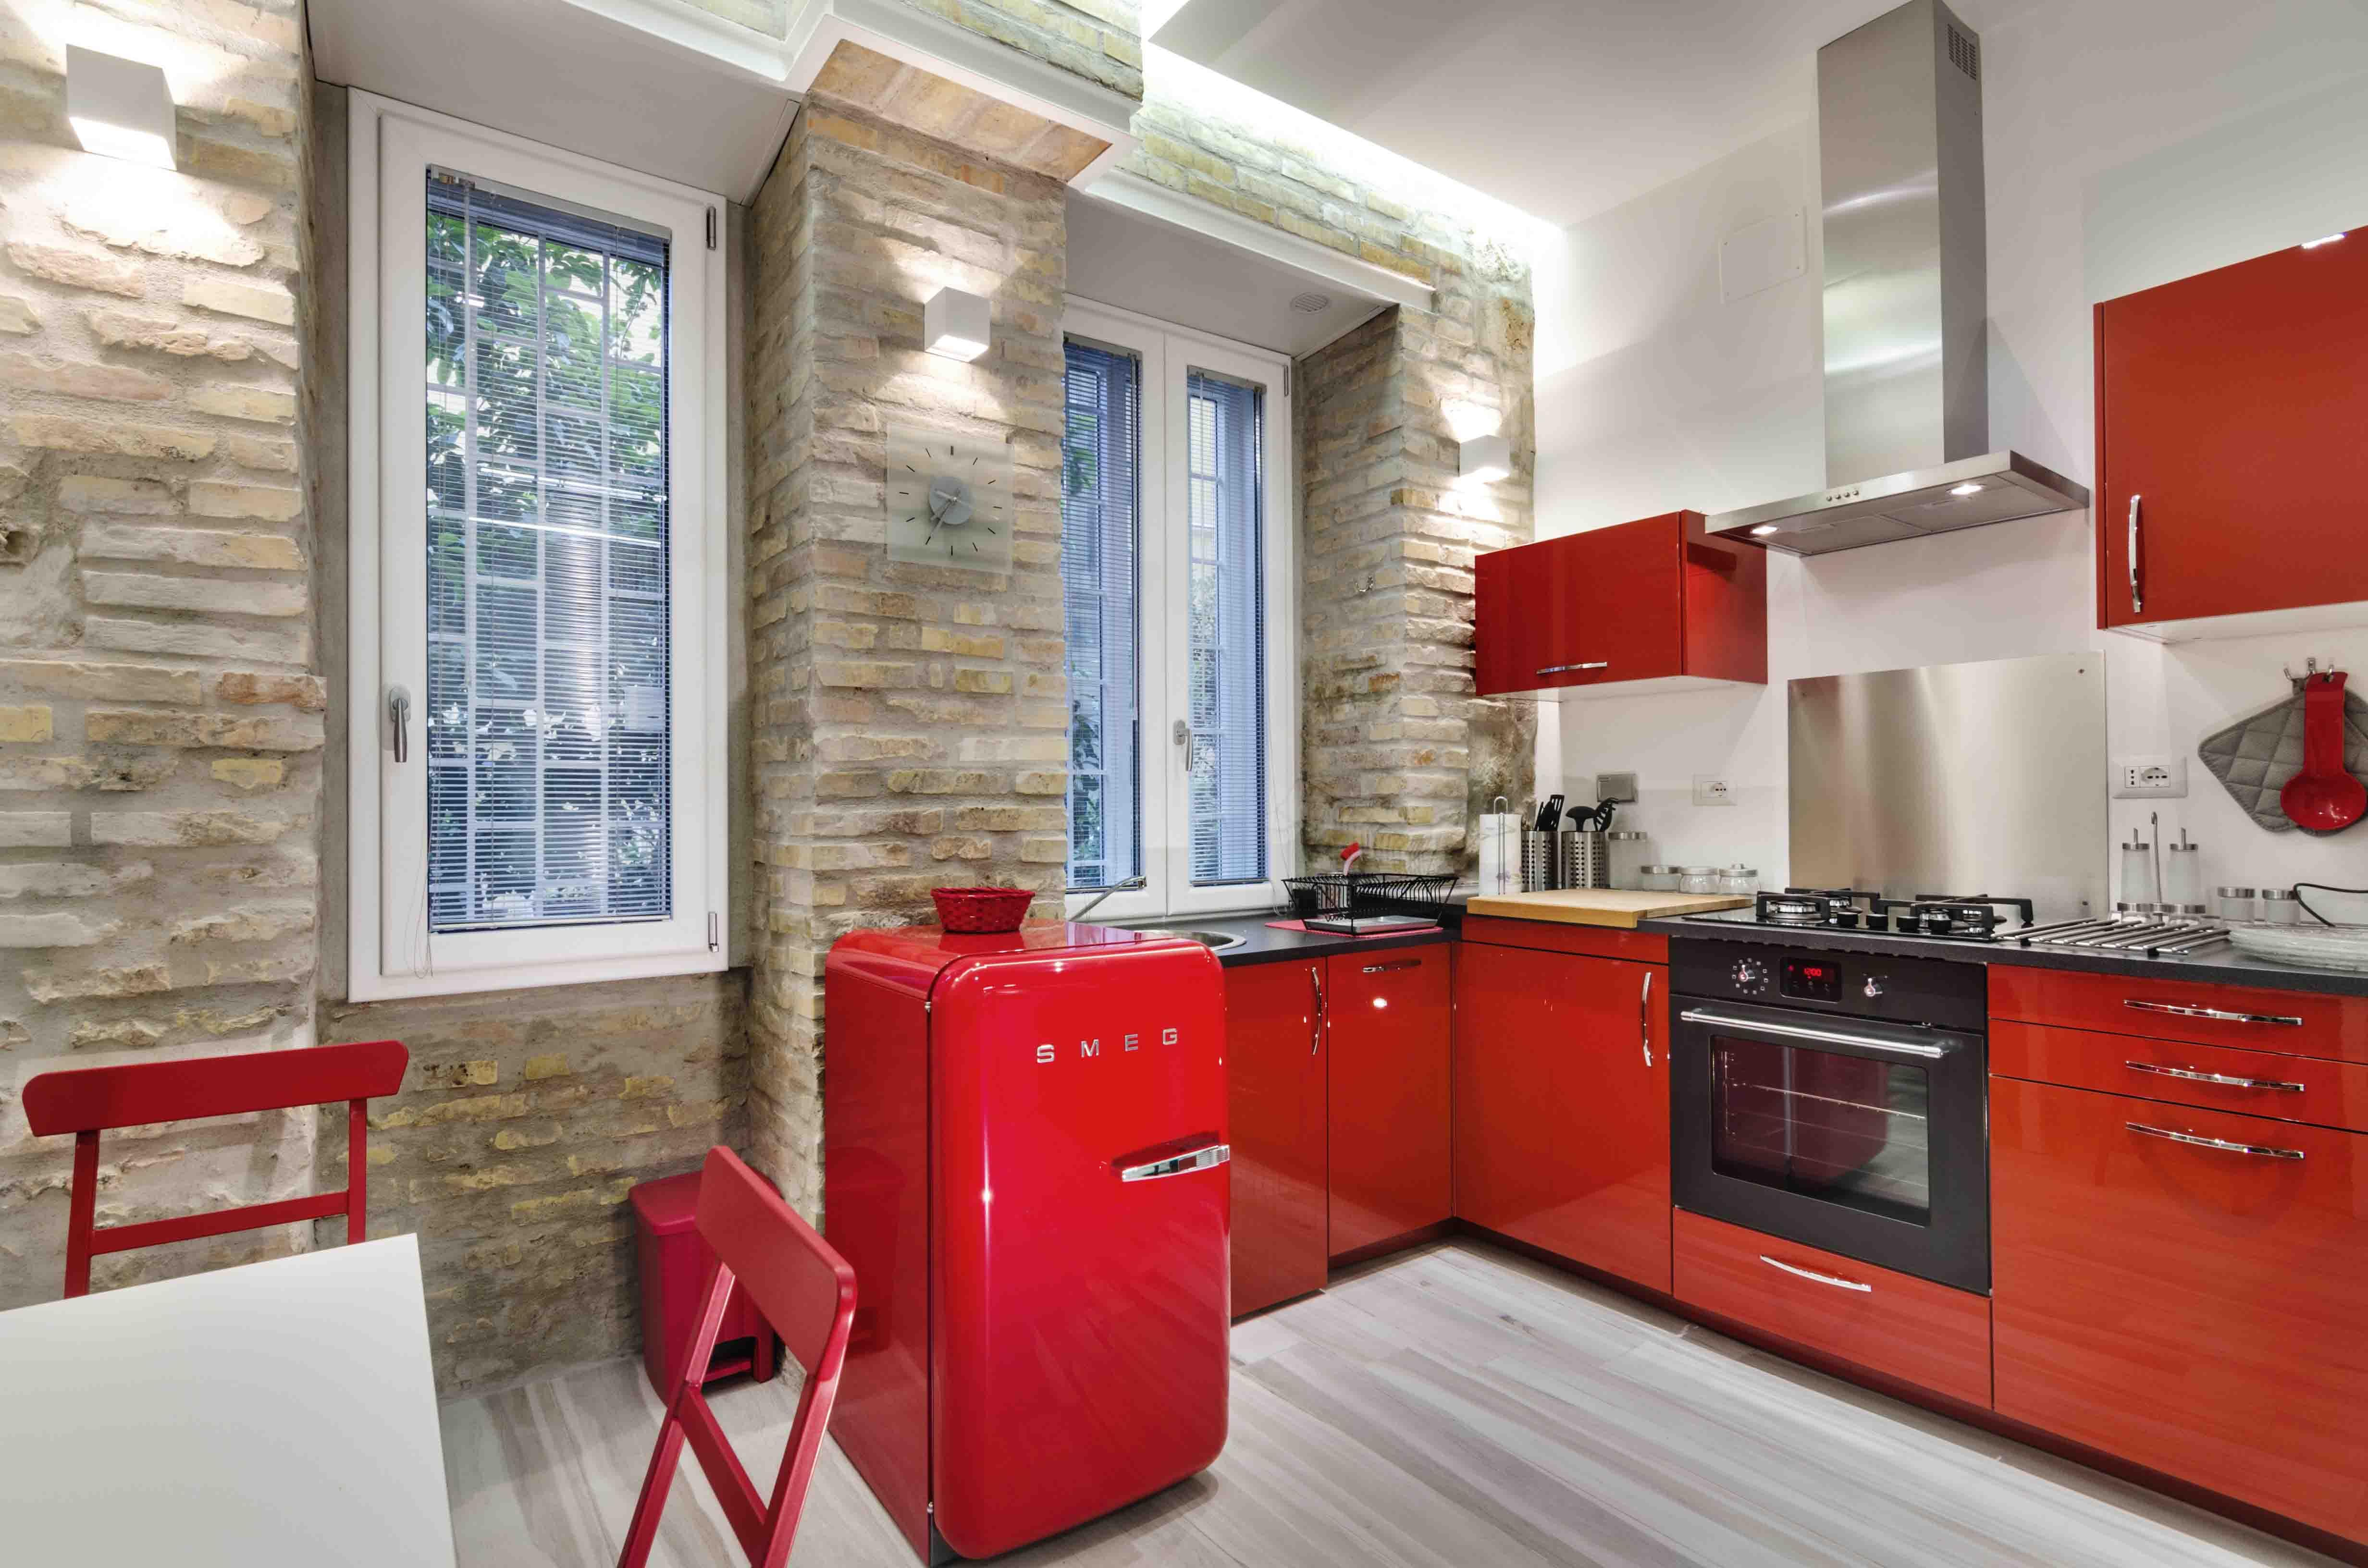 Balduina - Idee per arredare cucina piccola ...